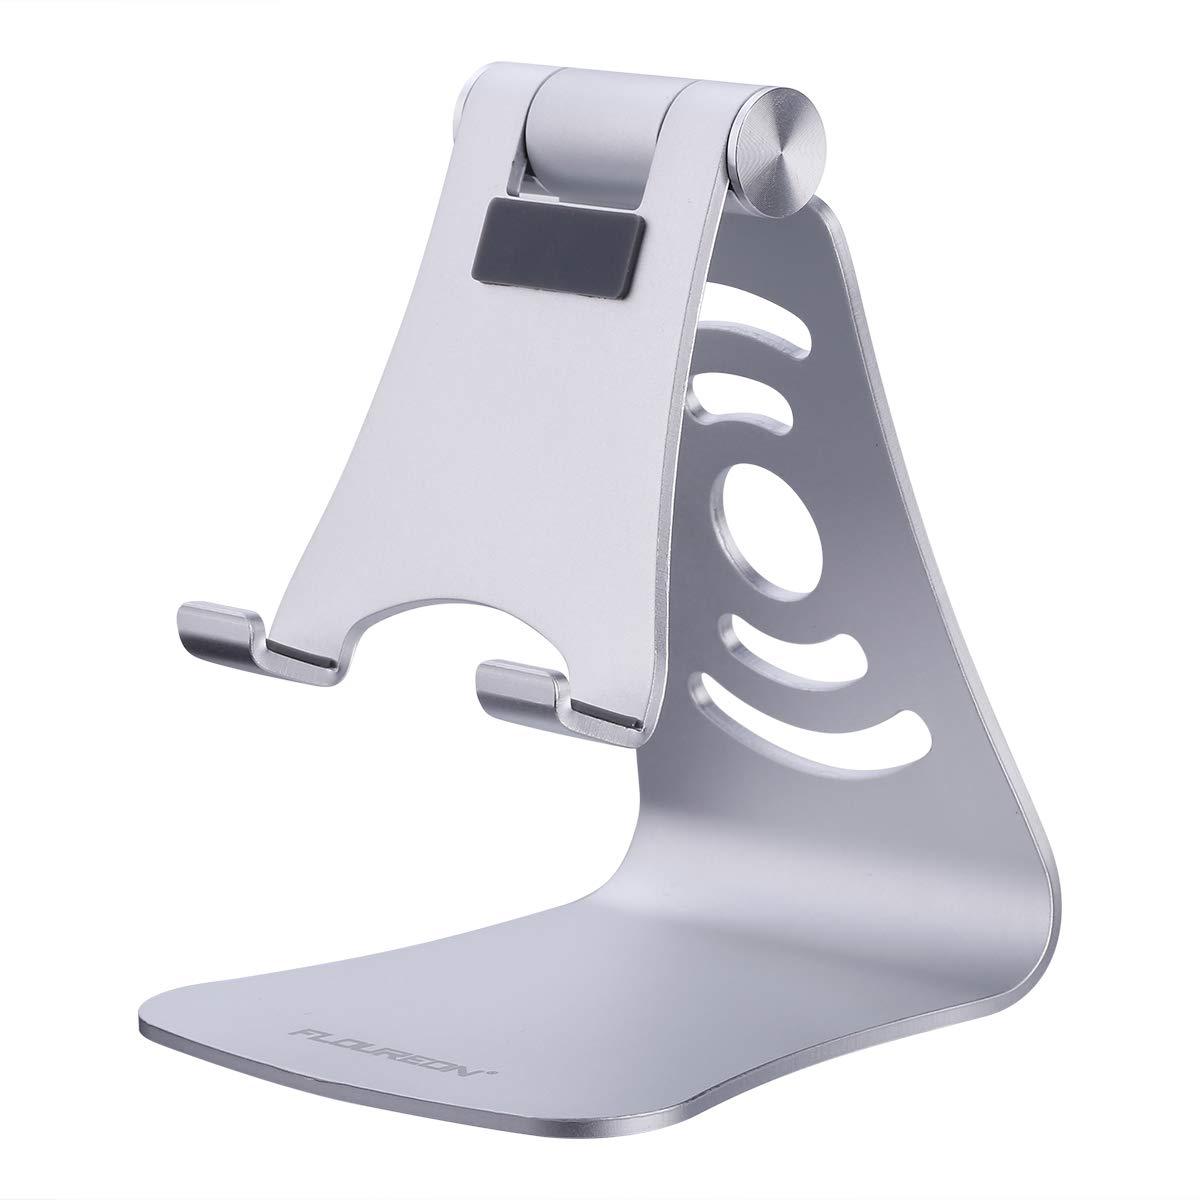 FLOUREON Handy Ständer Smartphone Halterung Handyhalter Tablet Stand für iPhone iPad Samsung Huawei Kindle und alle andere Tableten Handys Silber